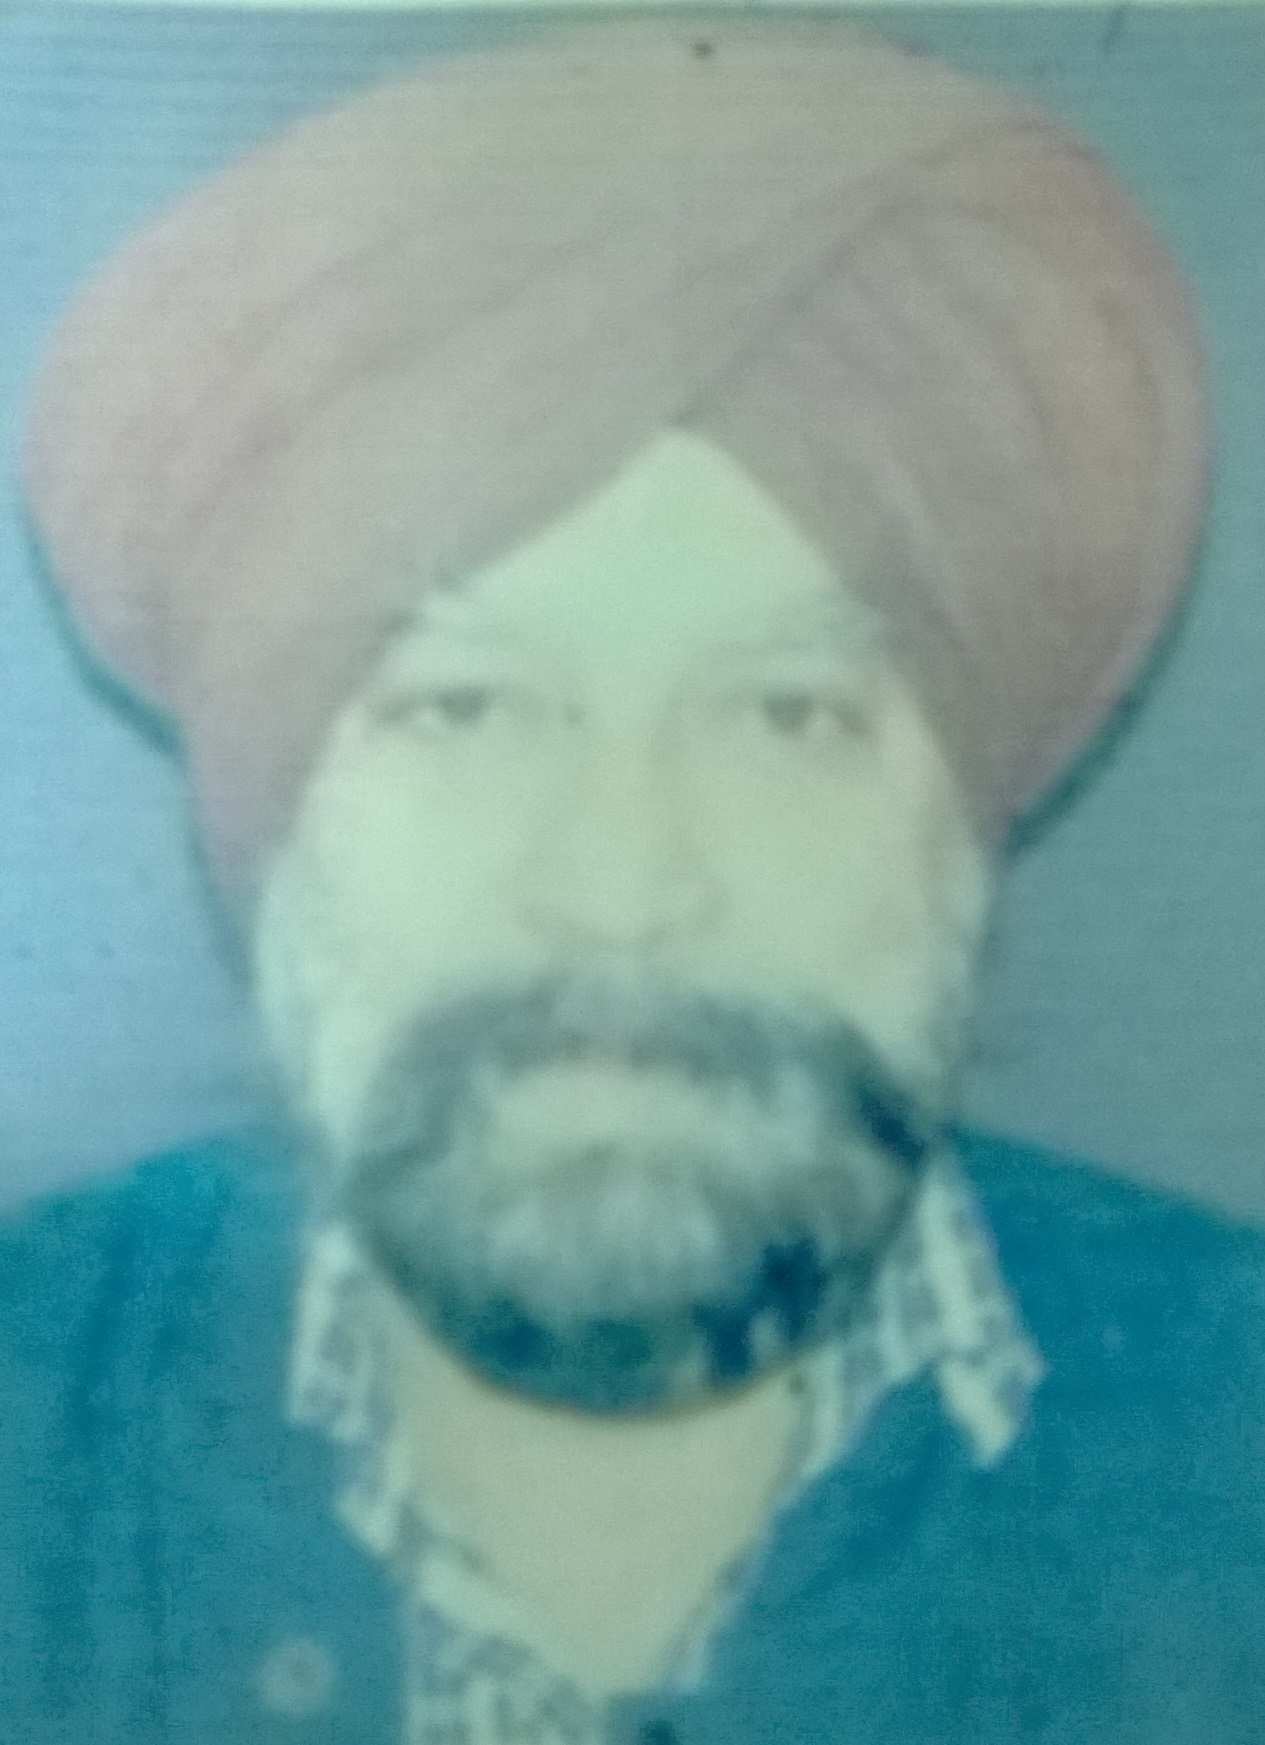 Mr. Joginder Singh